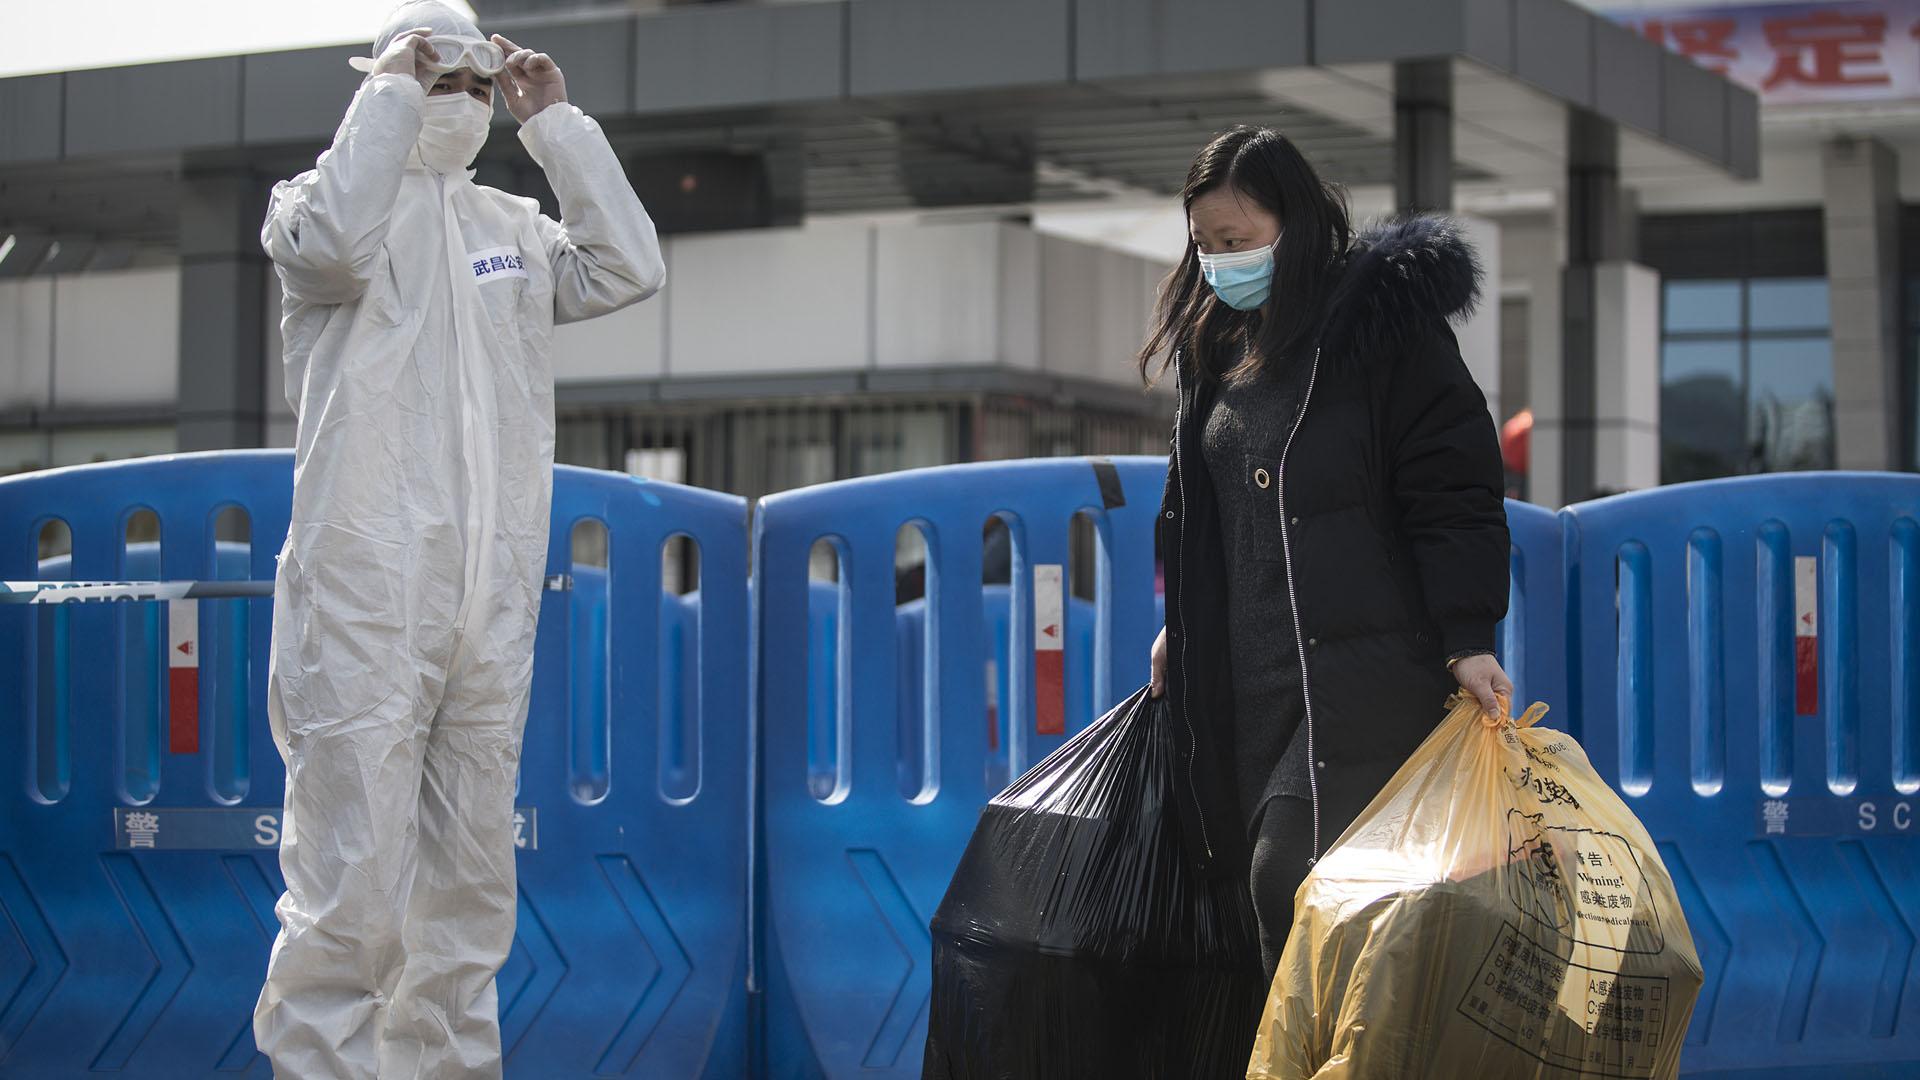 Egy gyógyult koronavírusos beteg hagyja el a kórházat Vuhanban, a járvány gócpontjában (Fotó: Stringer/Getty Images)